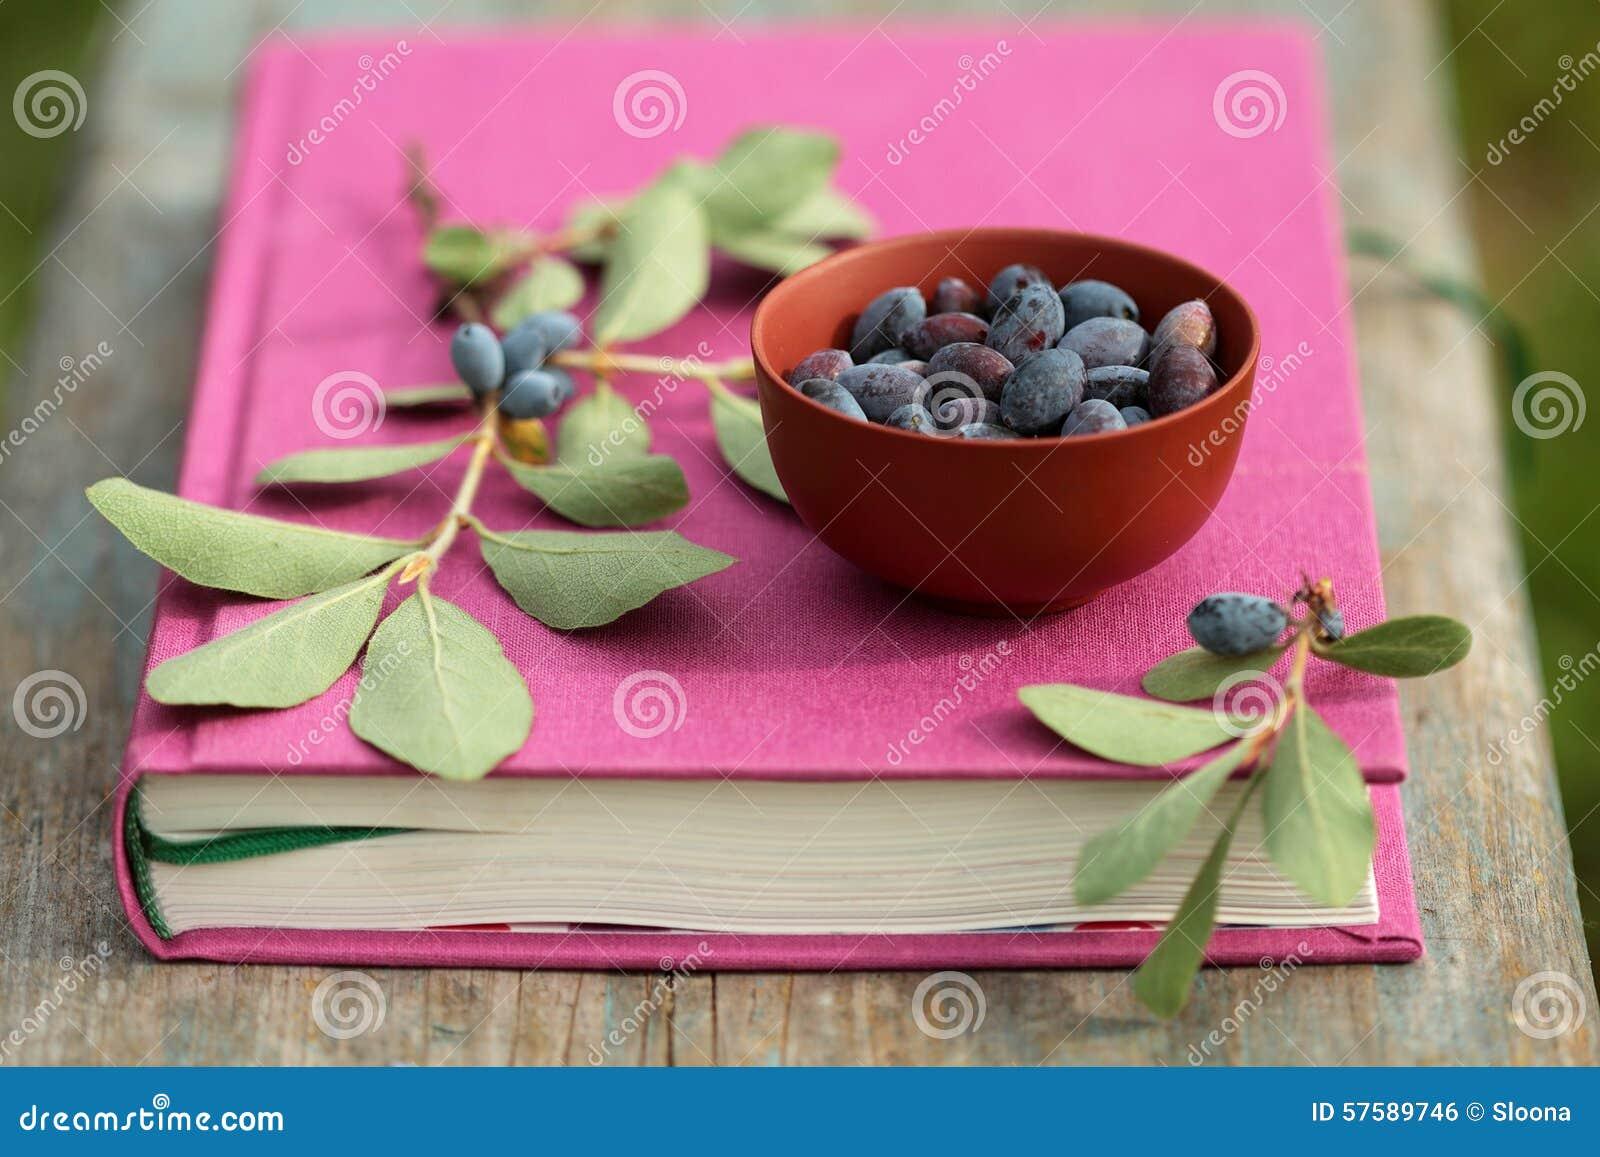 Banksj jagody w pucharze na fuksi rezerwują na drewnianej powierzchni